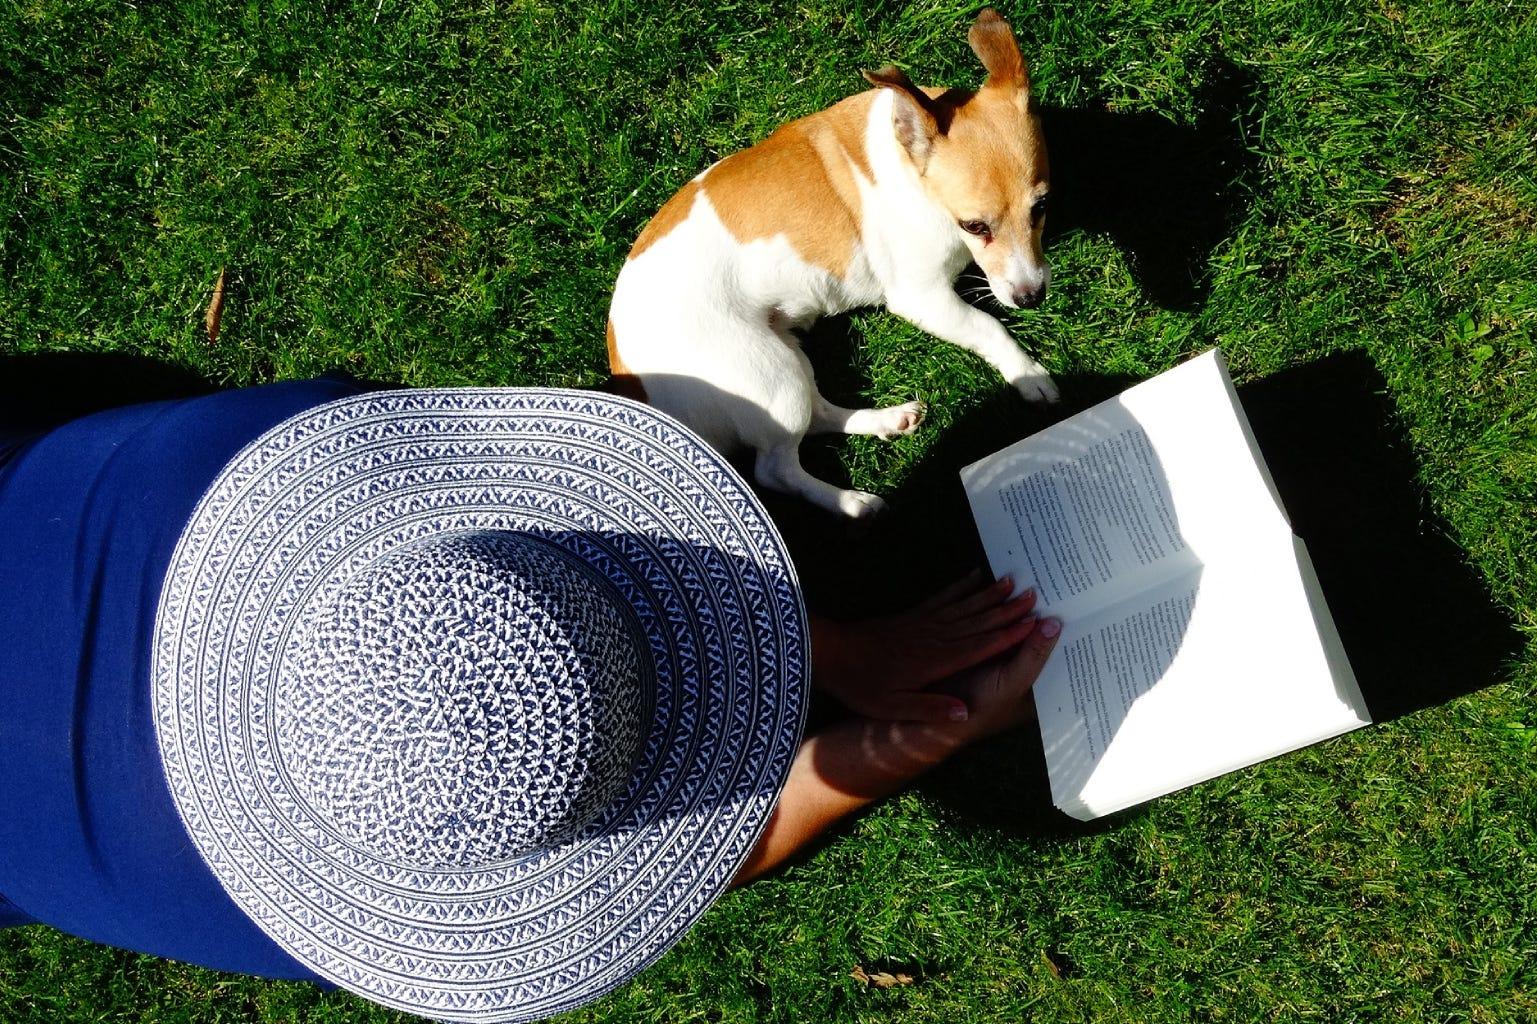 vrouw me tboek en kleine hond liggen in het gras